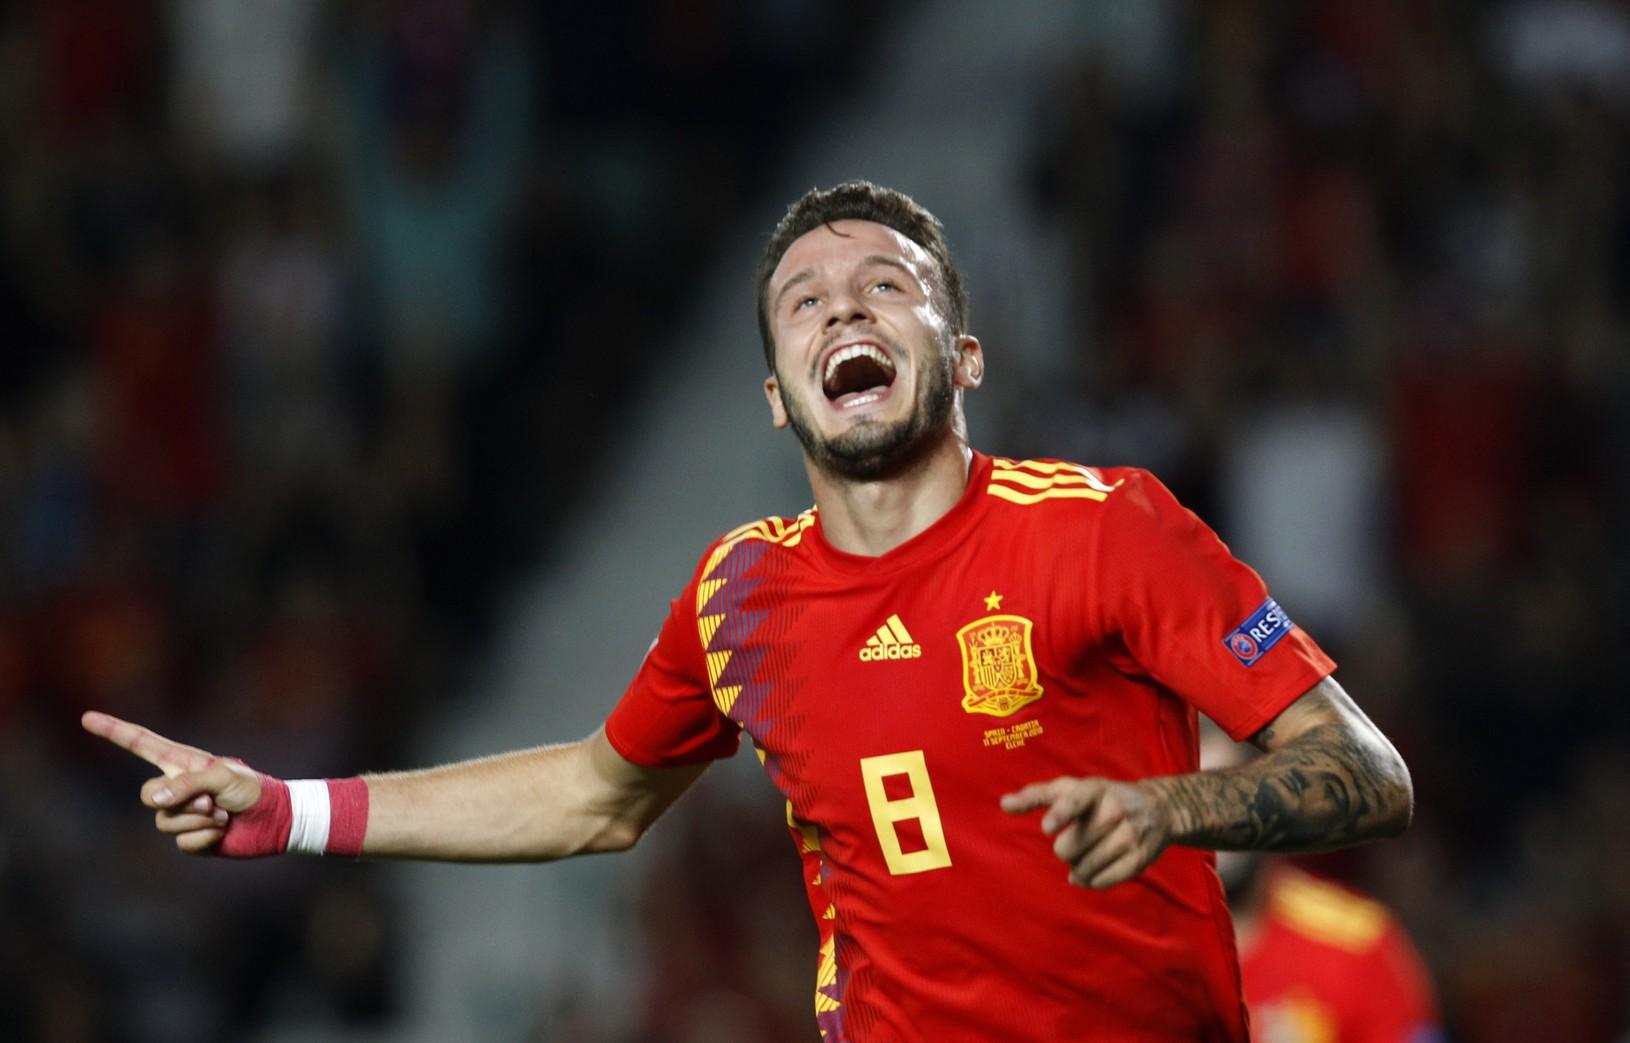 Radosť hráča Španielska Saúla